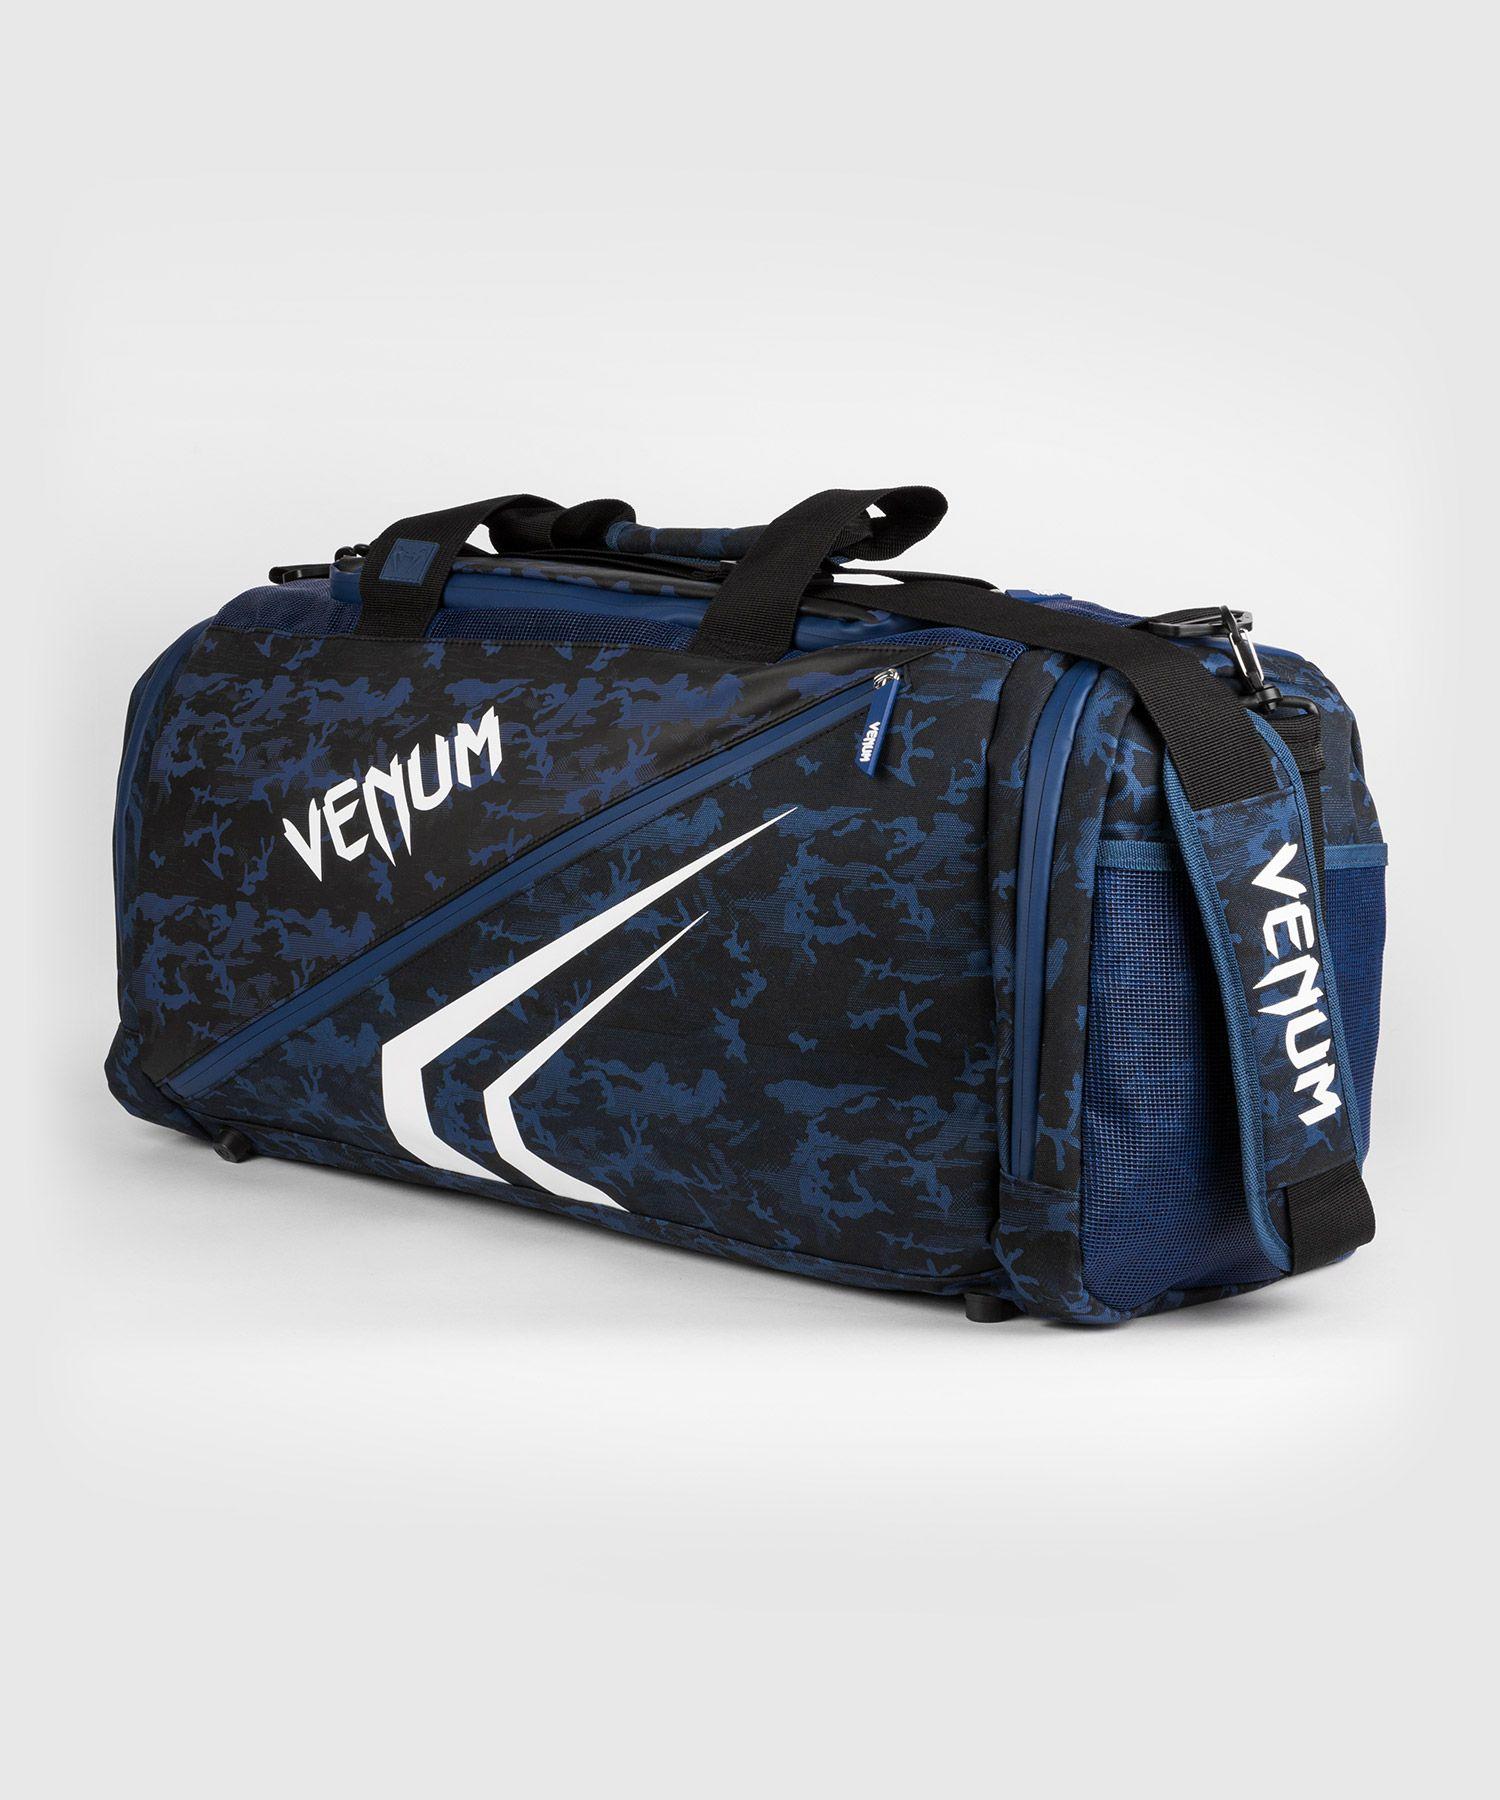 Venum Trainer Lite Evo Sporttas - Blauw/Wit